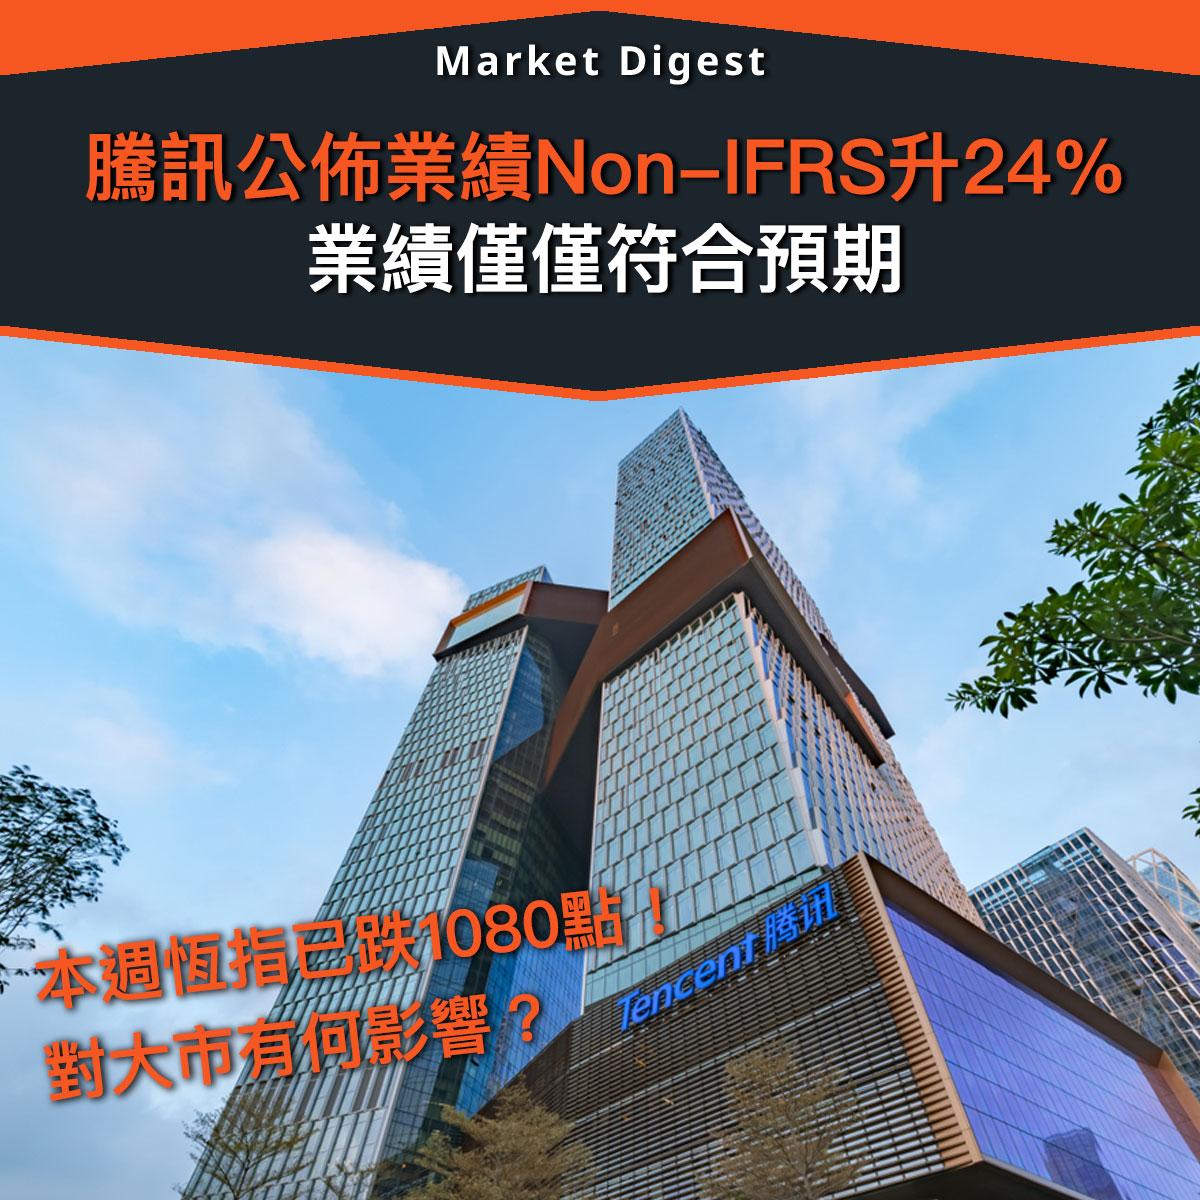 【市場熱話】騰訊公佈業績Non-IFRS升24%,業績符預期